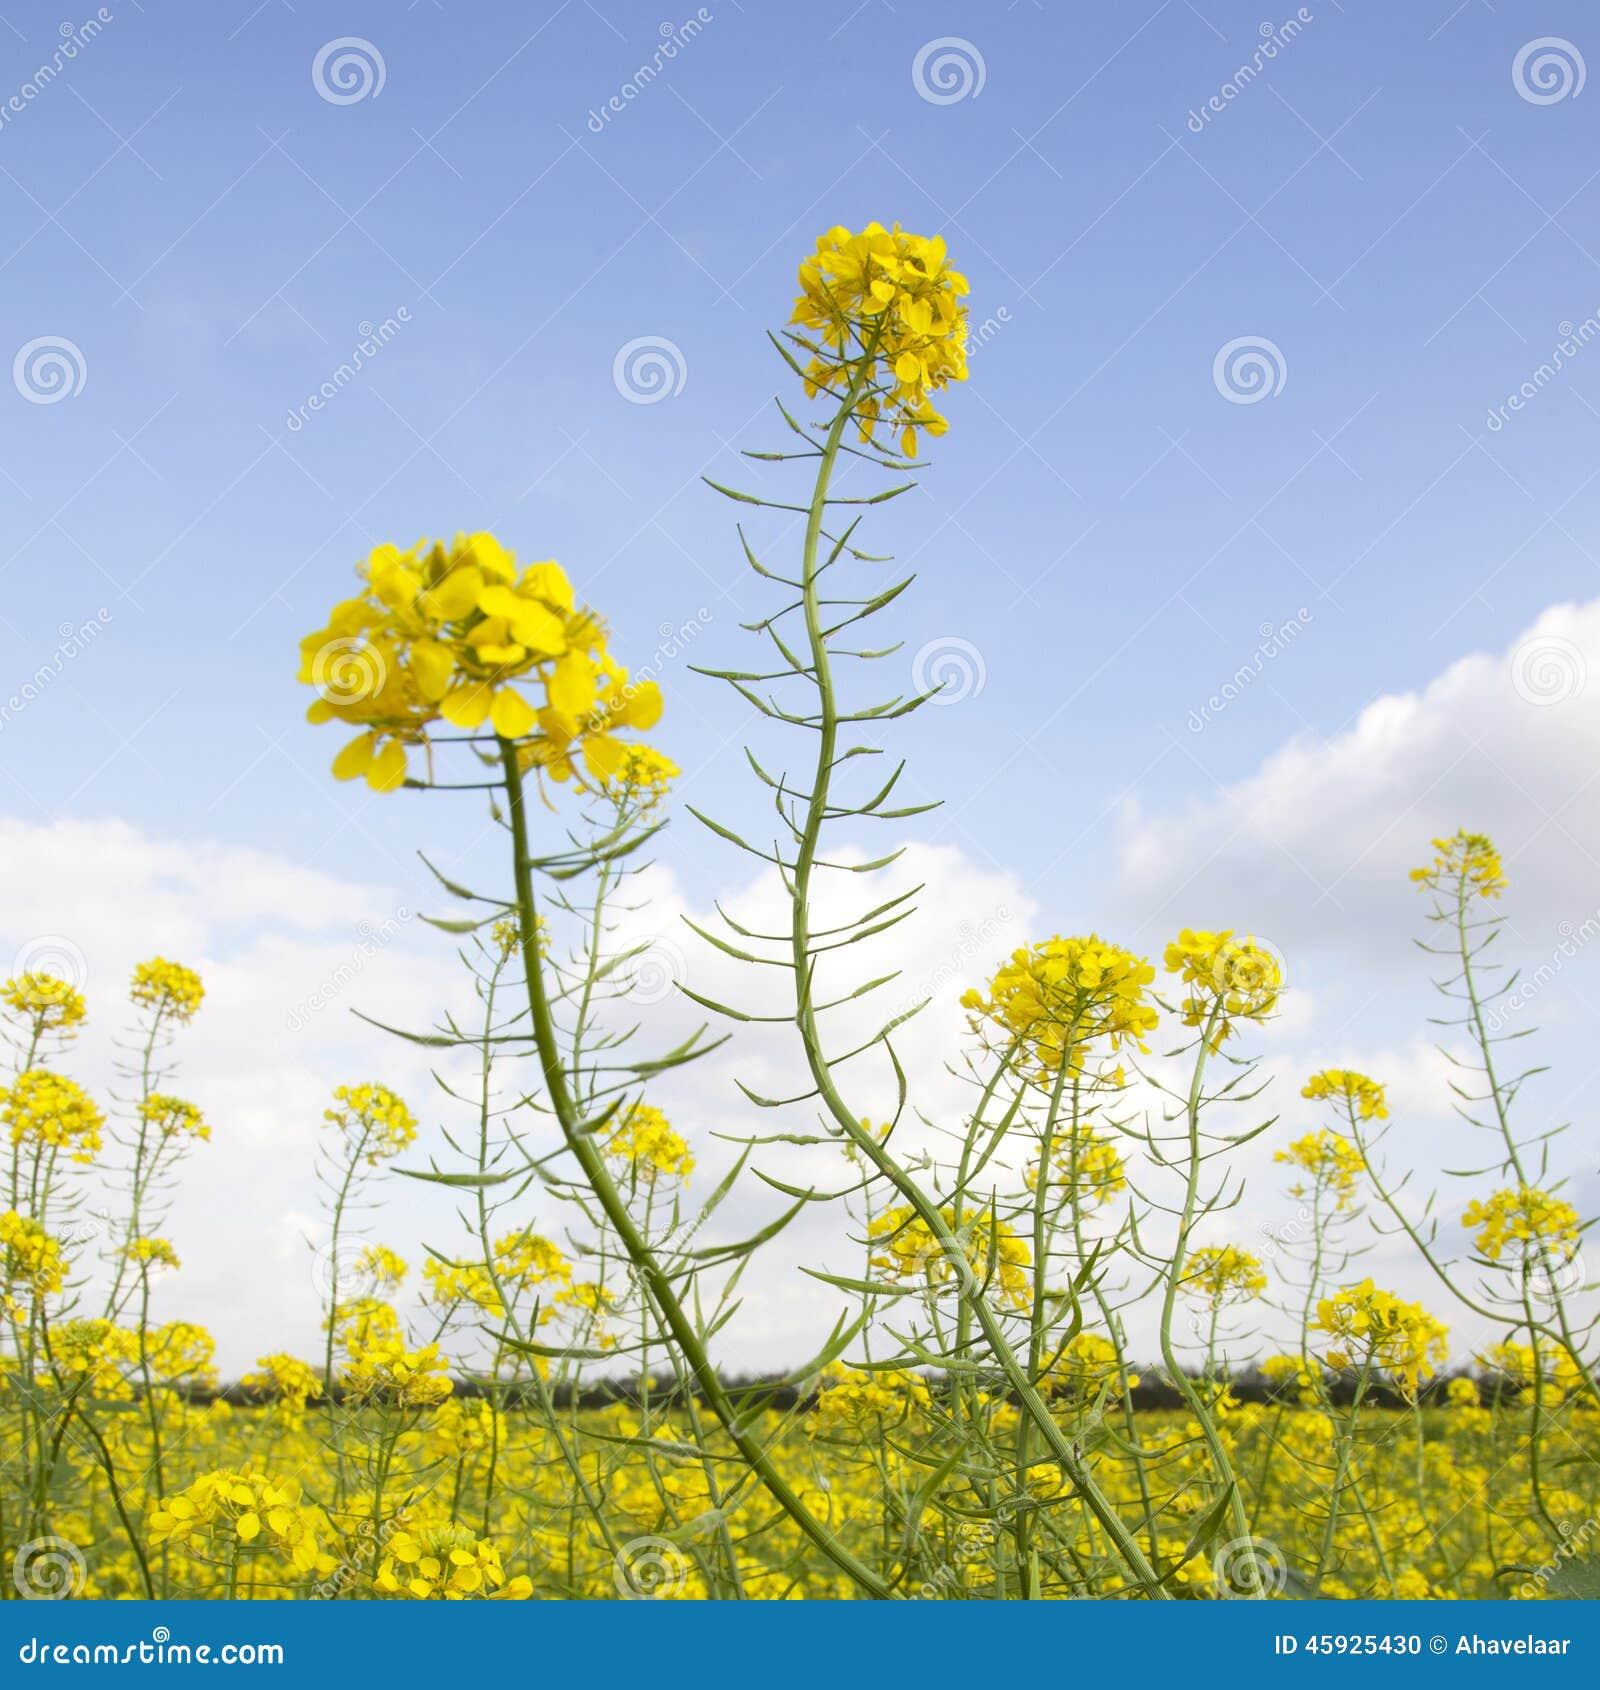 fleurs de graine de moutarde jaune dans le domaine photo stock image 45925430. Black Bedroom Furniture Sets. Home Design Ideas